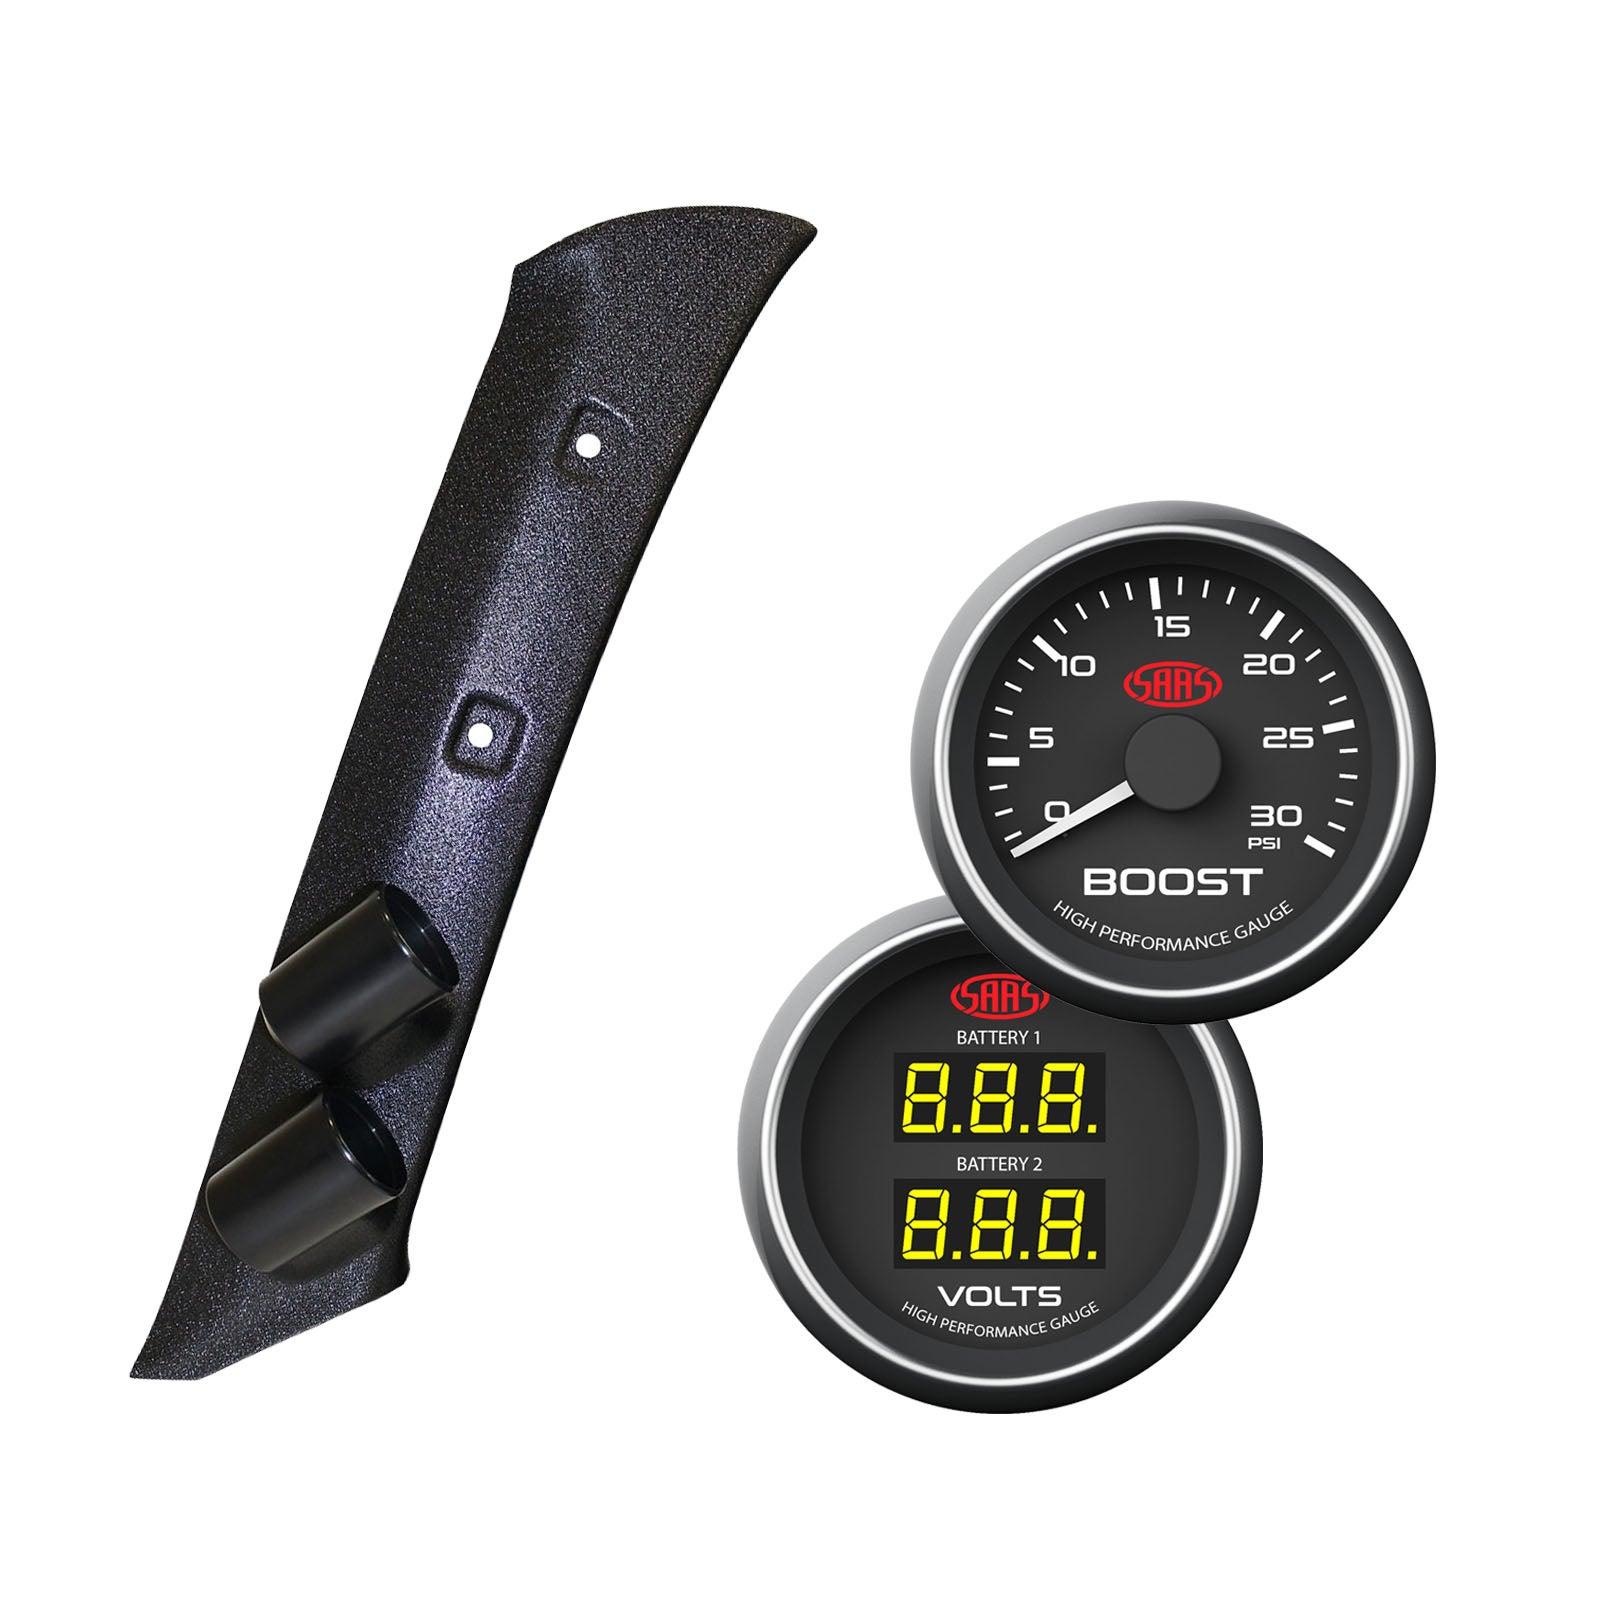 Pajero NM-NP 2000-2006 Pillar Pod w/ Black Diesel Boost & Dual Volts Gauge